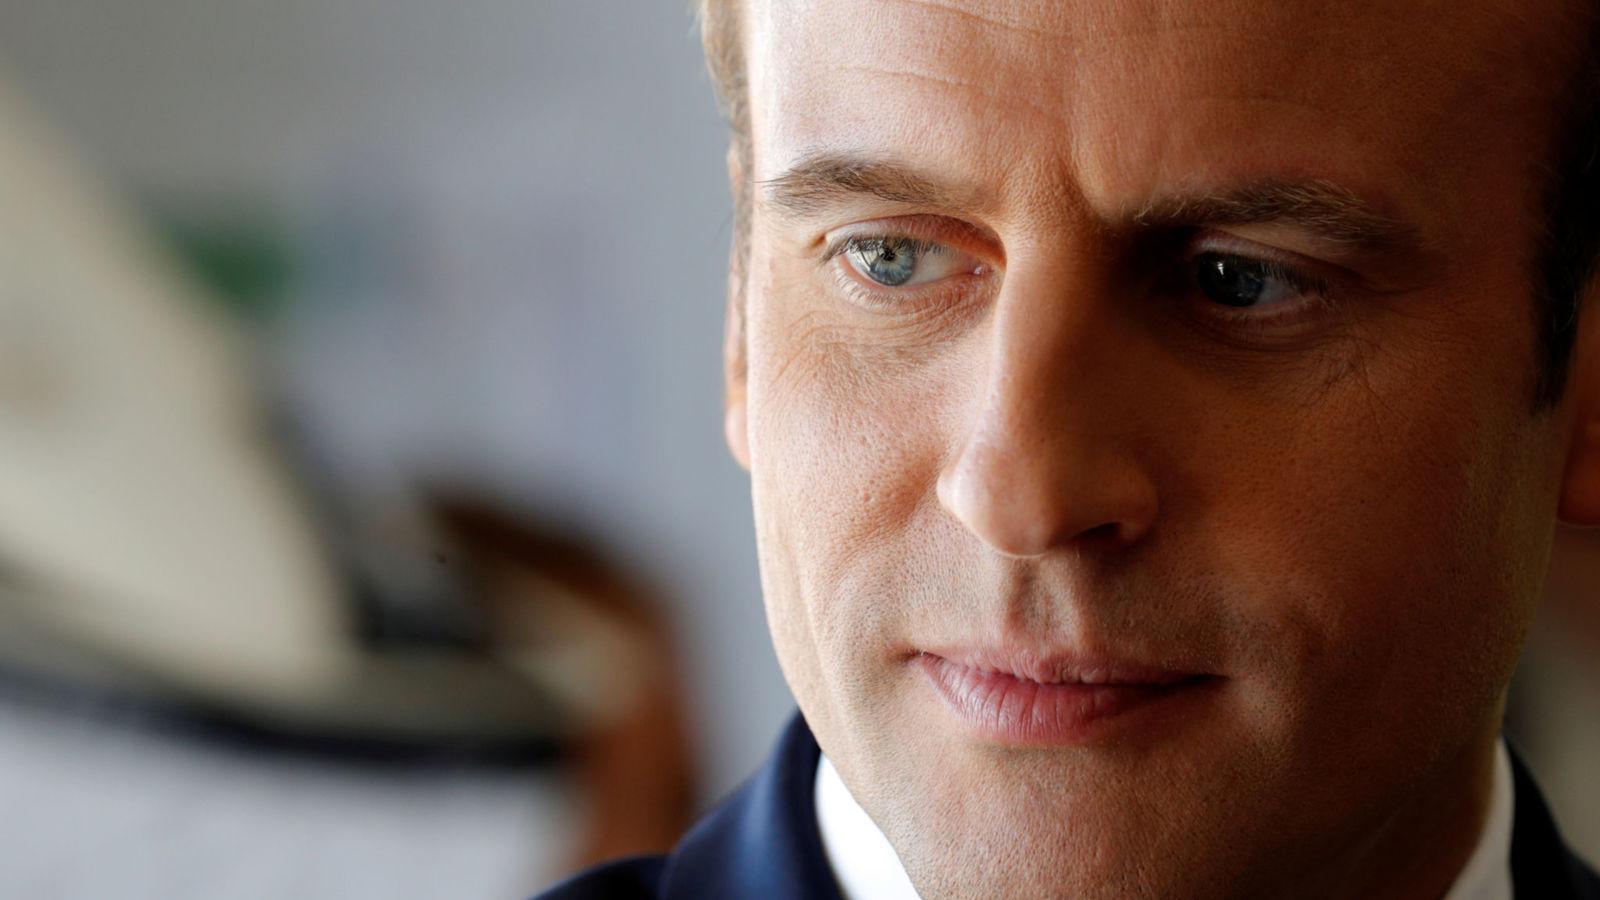 Emmanuel Macron veut collaborer avec Facebook pour lutter contre les contenus haineux